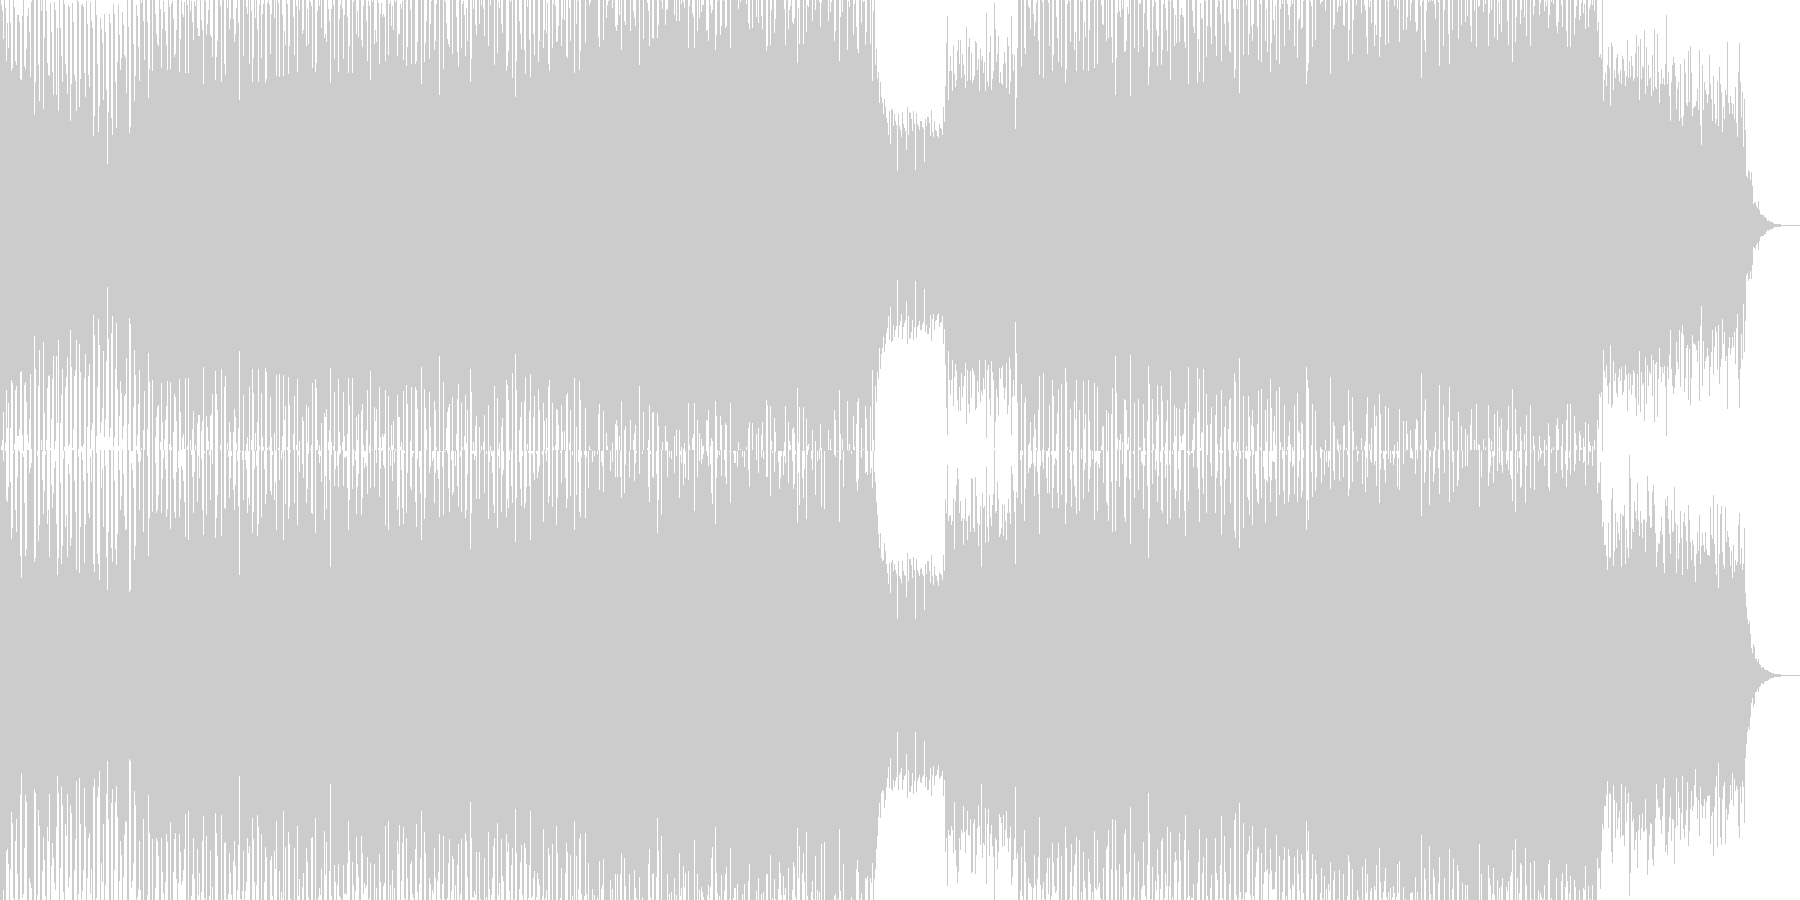 EDMクラブ系ダンスミュージック-58の未再生の波形